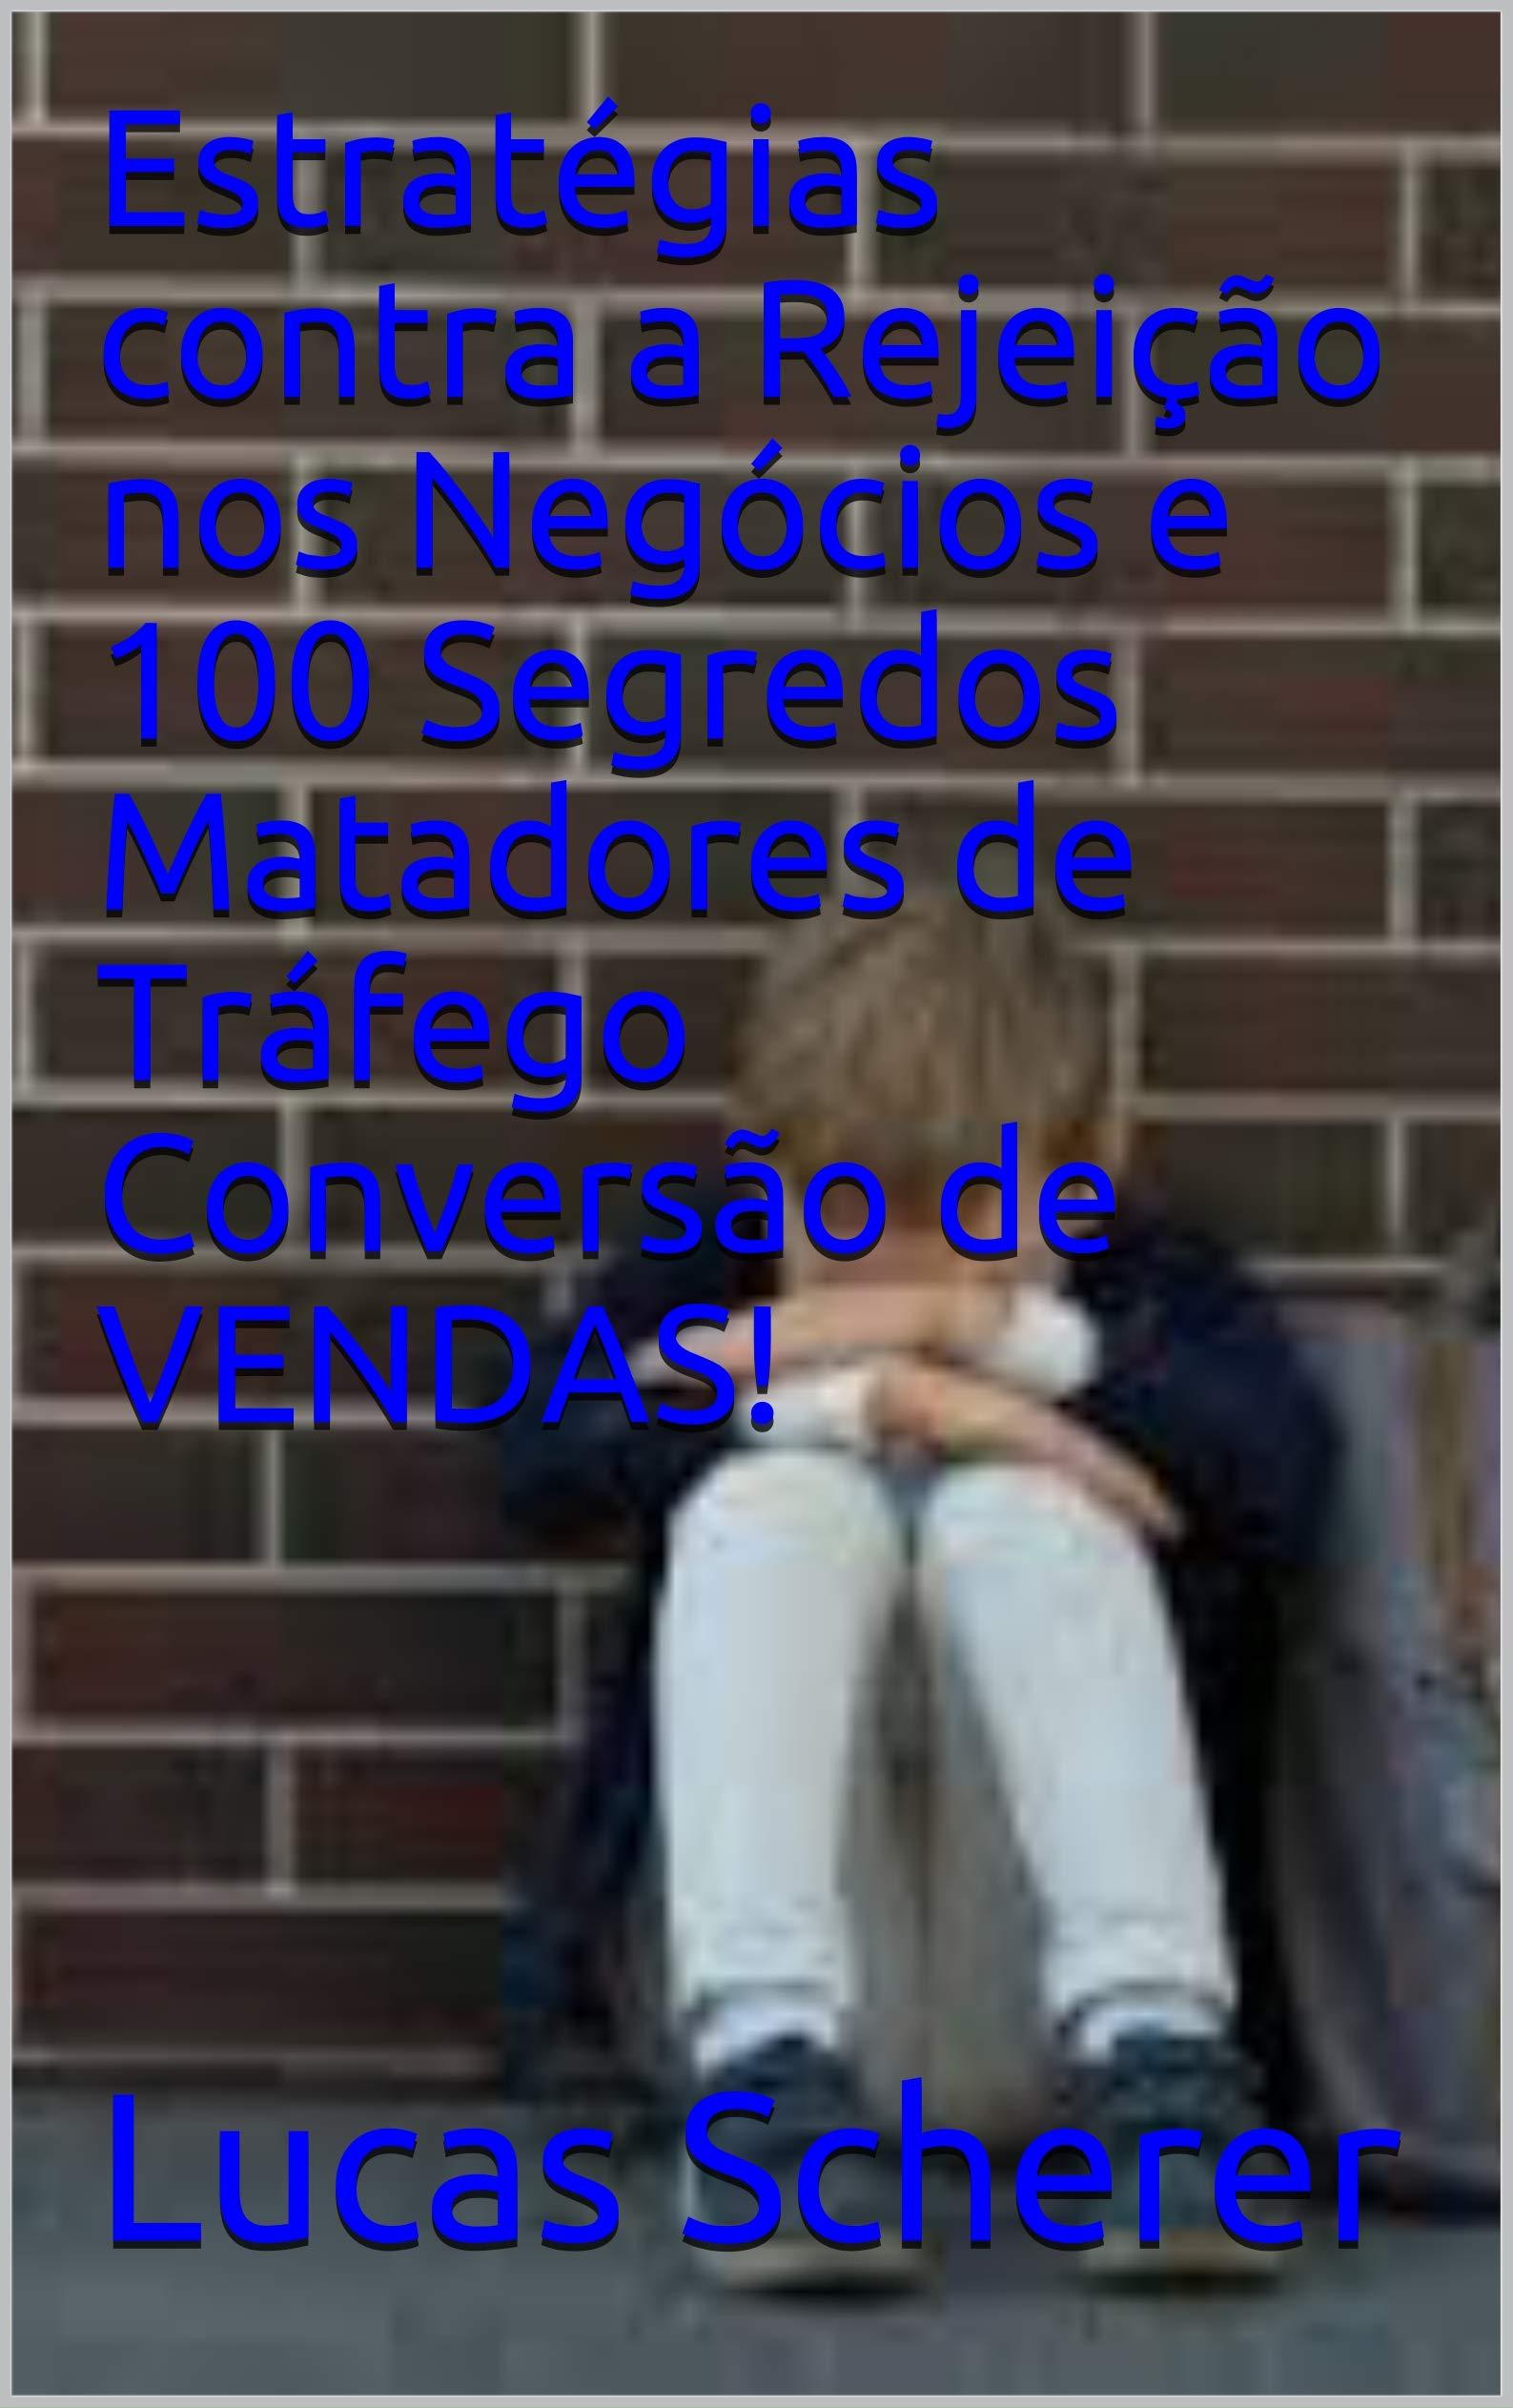 Estratégias contra a Rejeição nos Negócios e 100 Segredos Matadores de Tráfego Conversão de VENDAS! (Portuguese Edition)